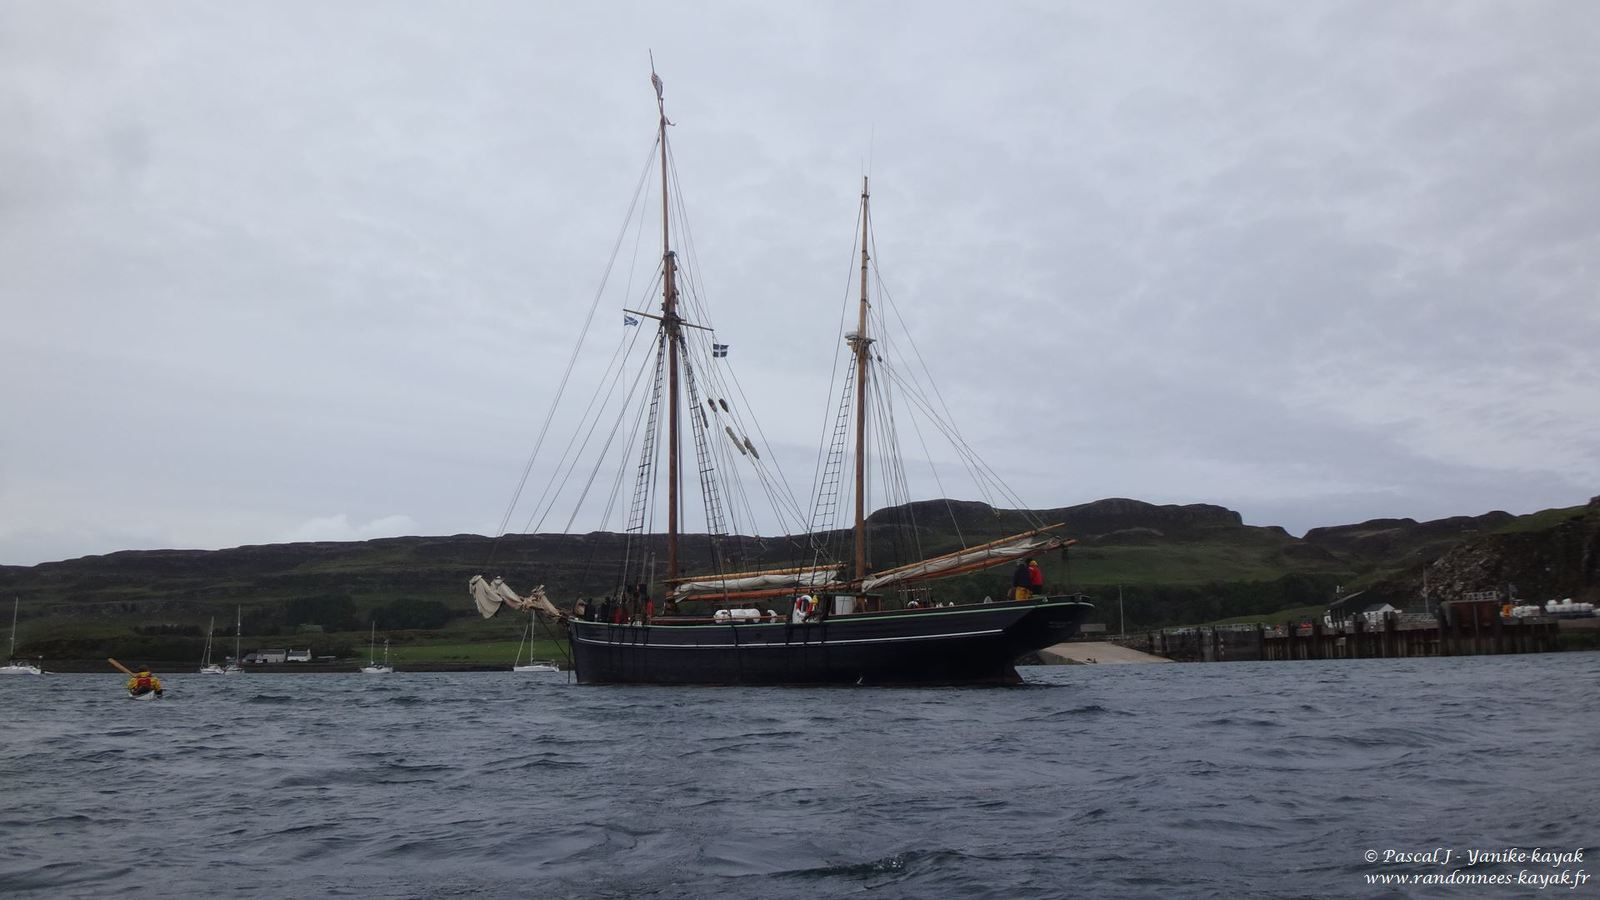 Skye 2018 : a new adventure - Chapitre 5 : coup de vent sur Rum, de Harris à Canna, découverte d'un autre monde